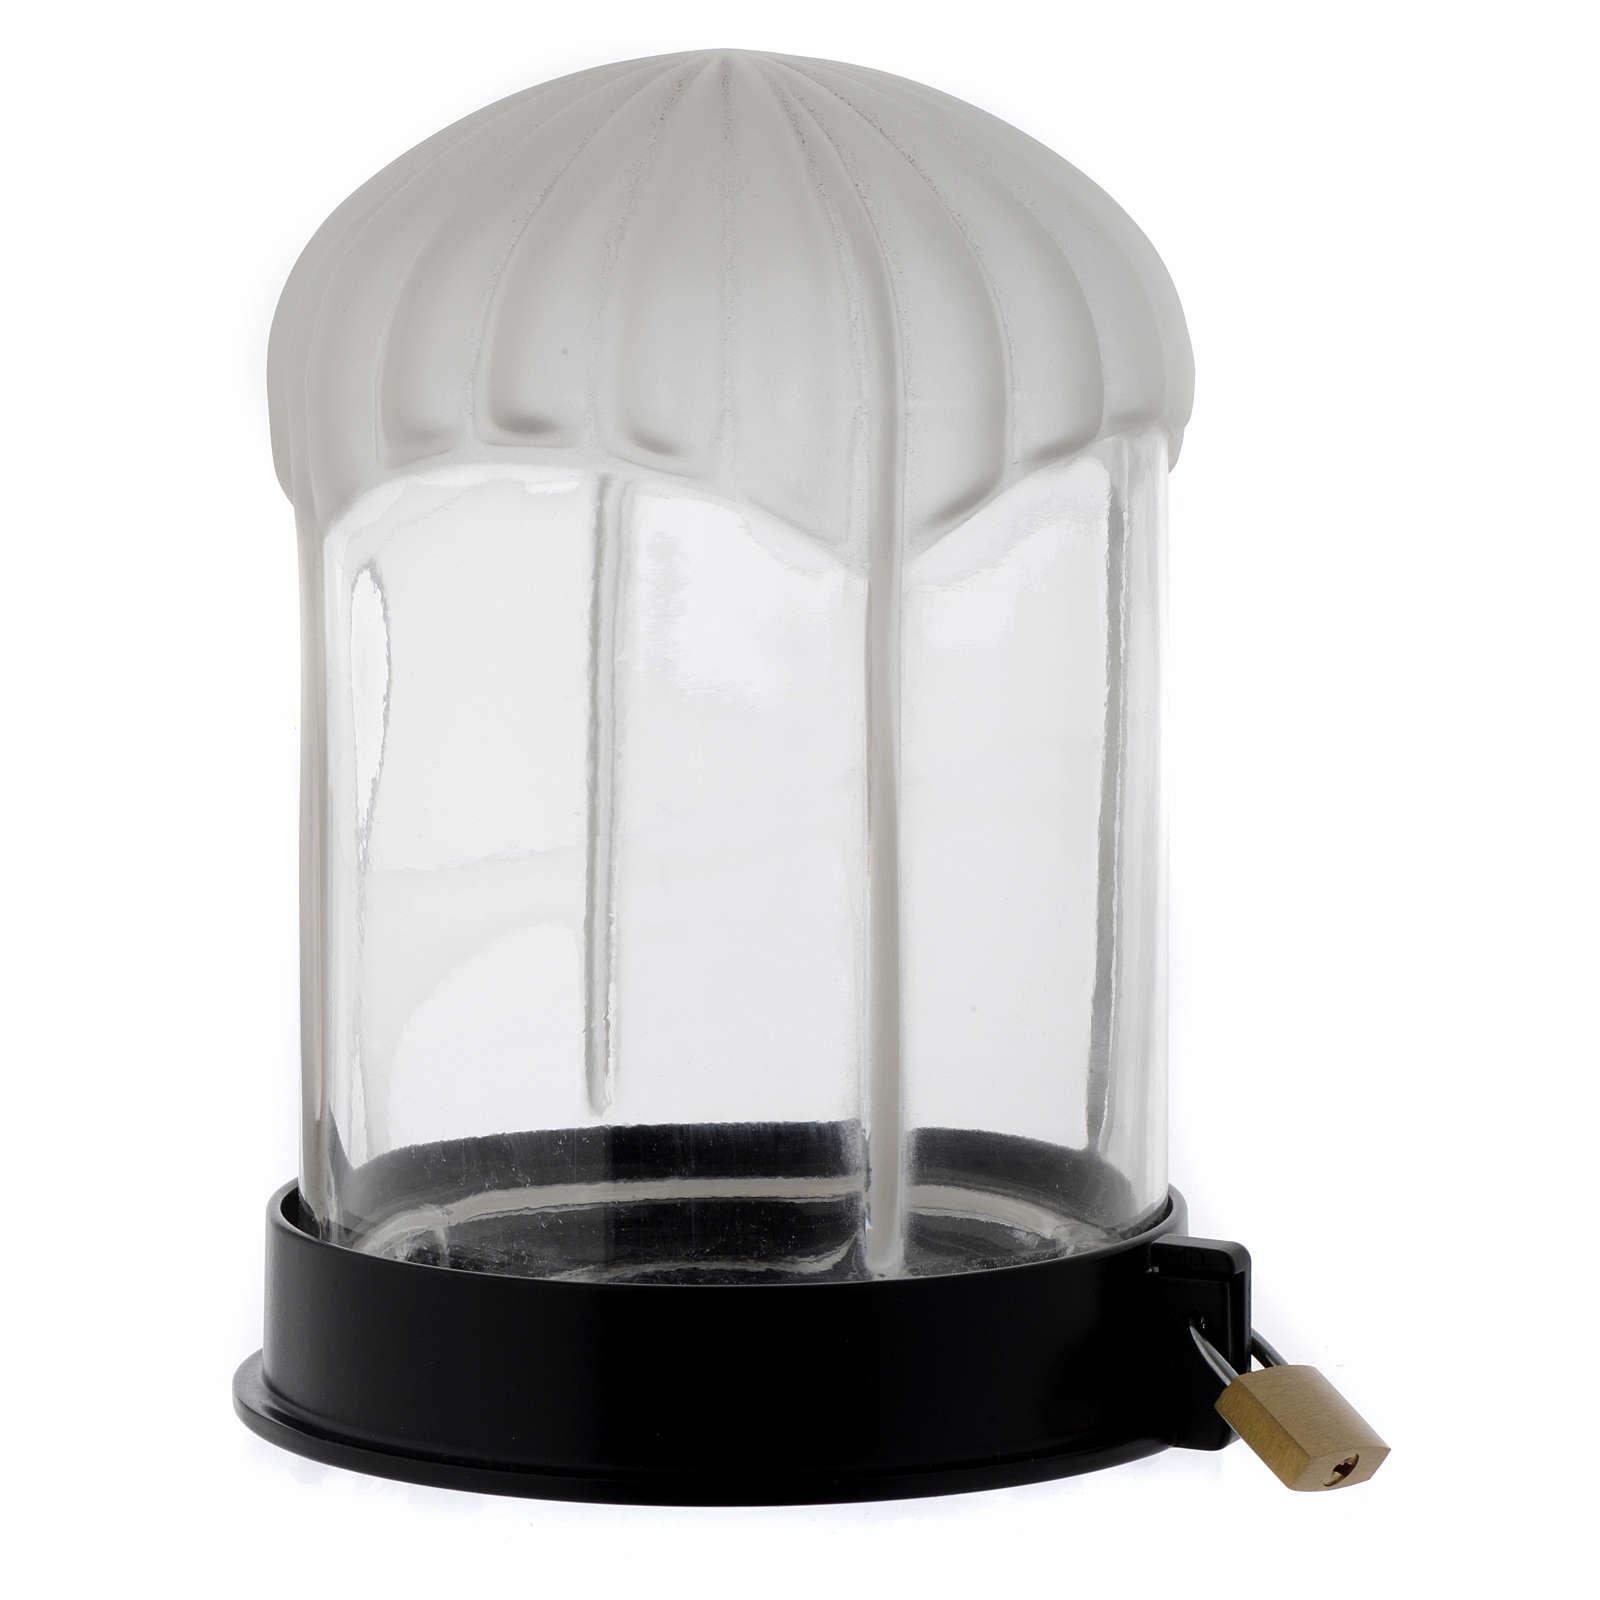 Lampka cmentarna czarna Lumada do świecy elektrycznej 3